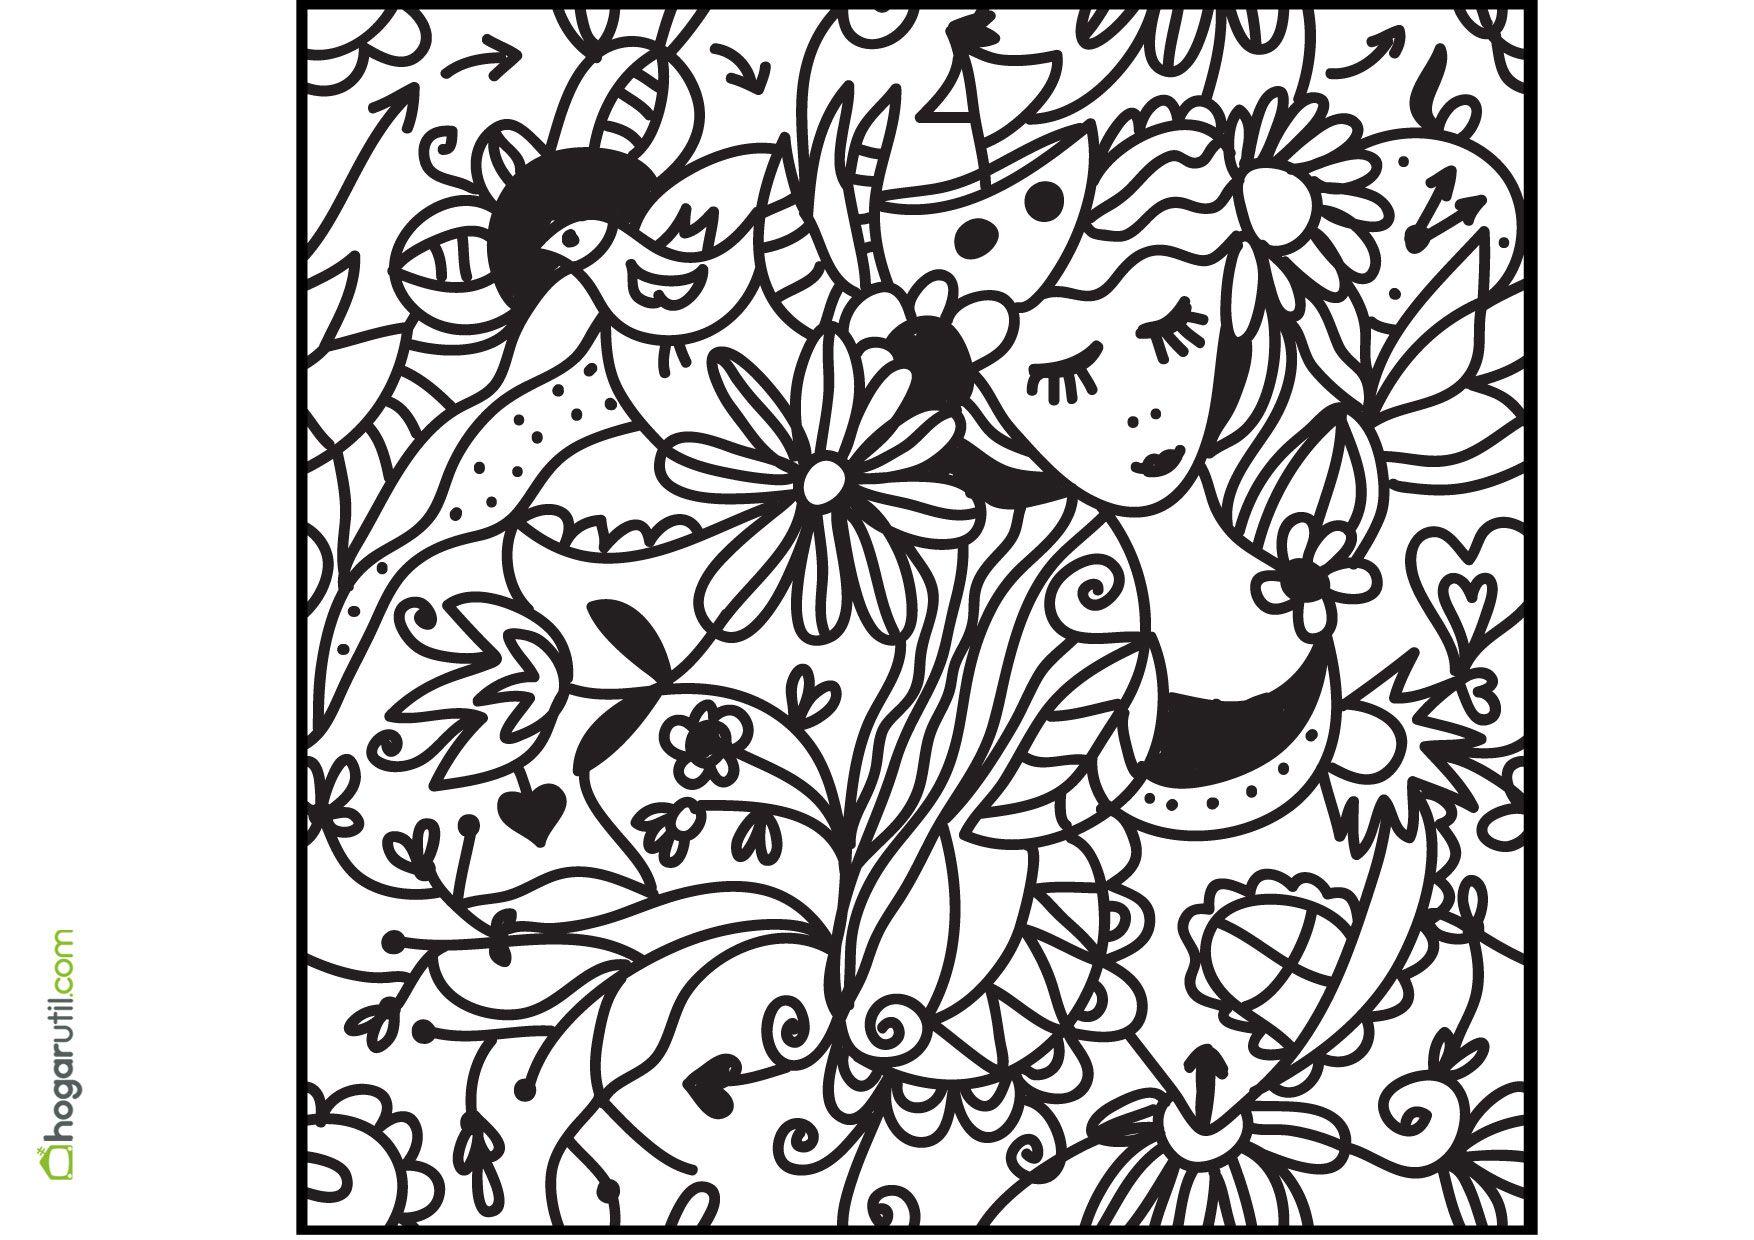 dibujos para colorear de adultos - Buscar con Google | para pintar ...